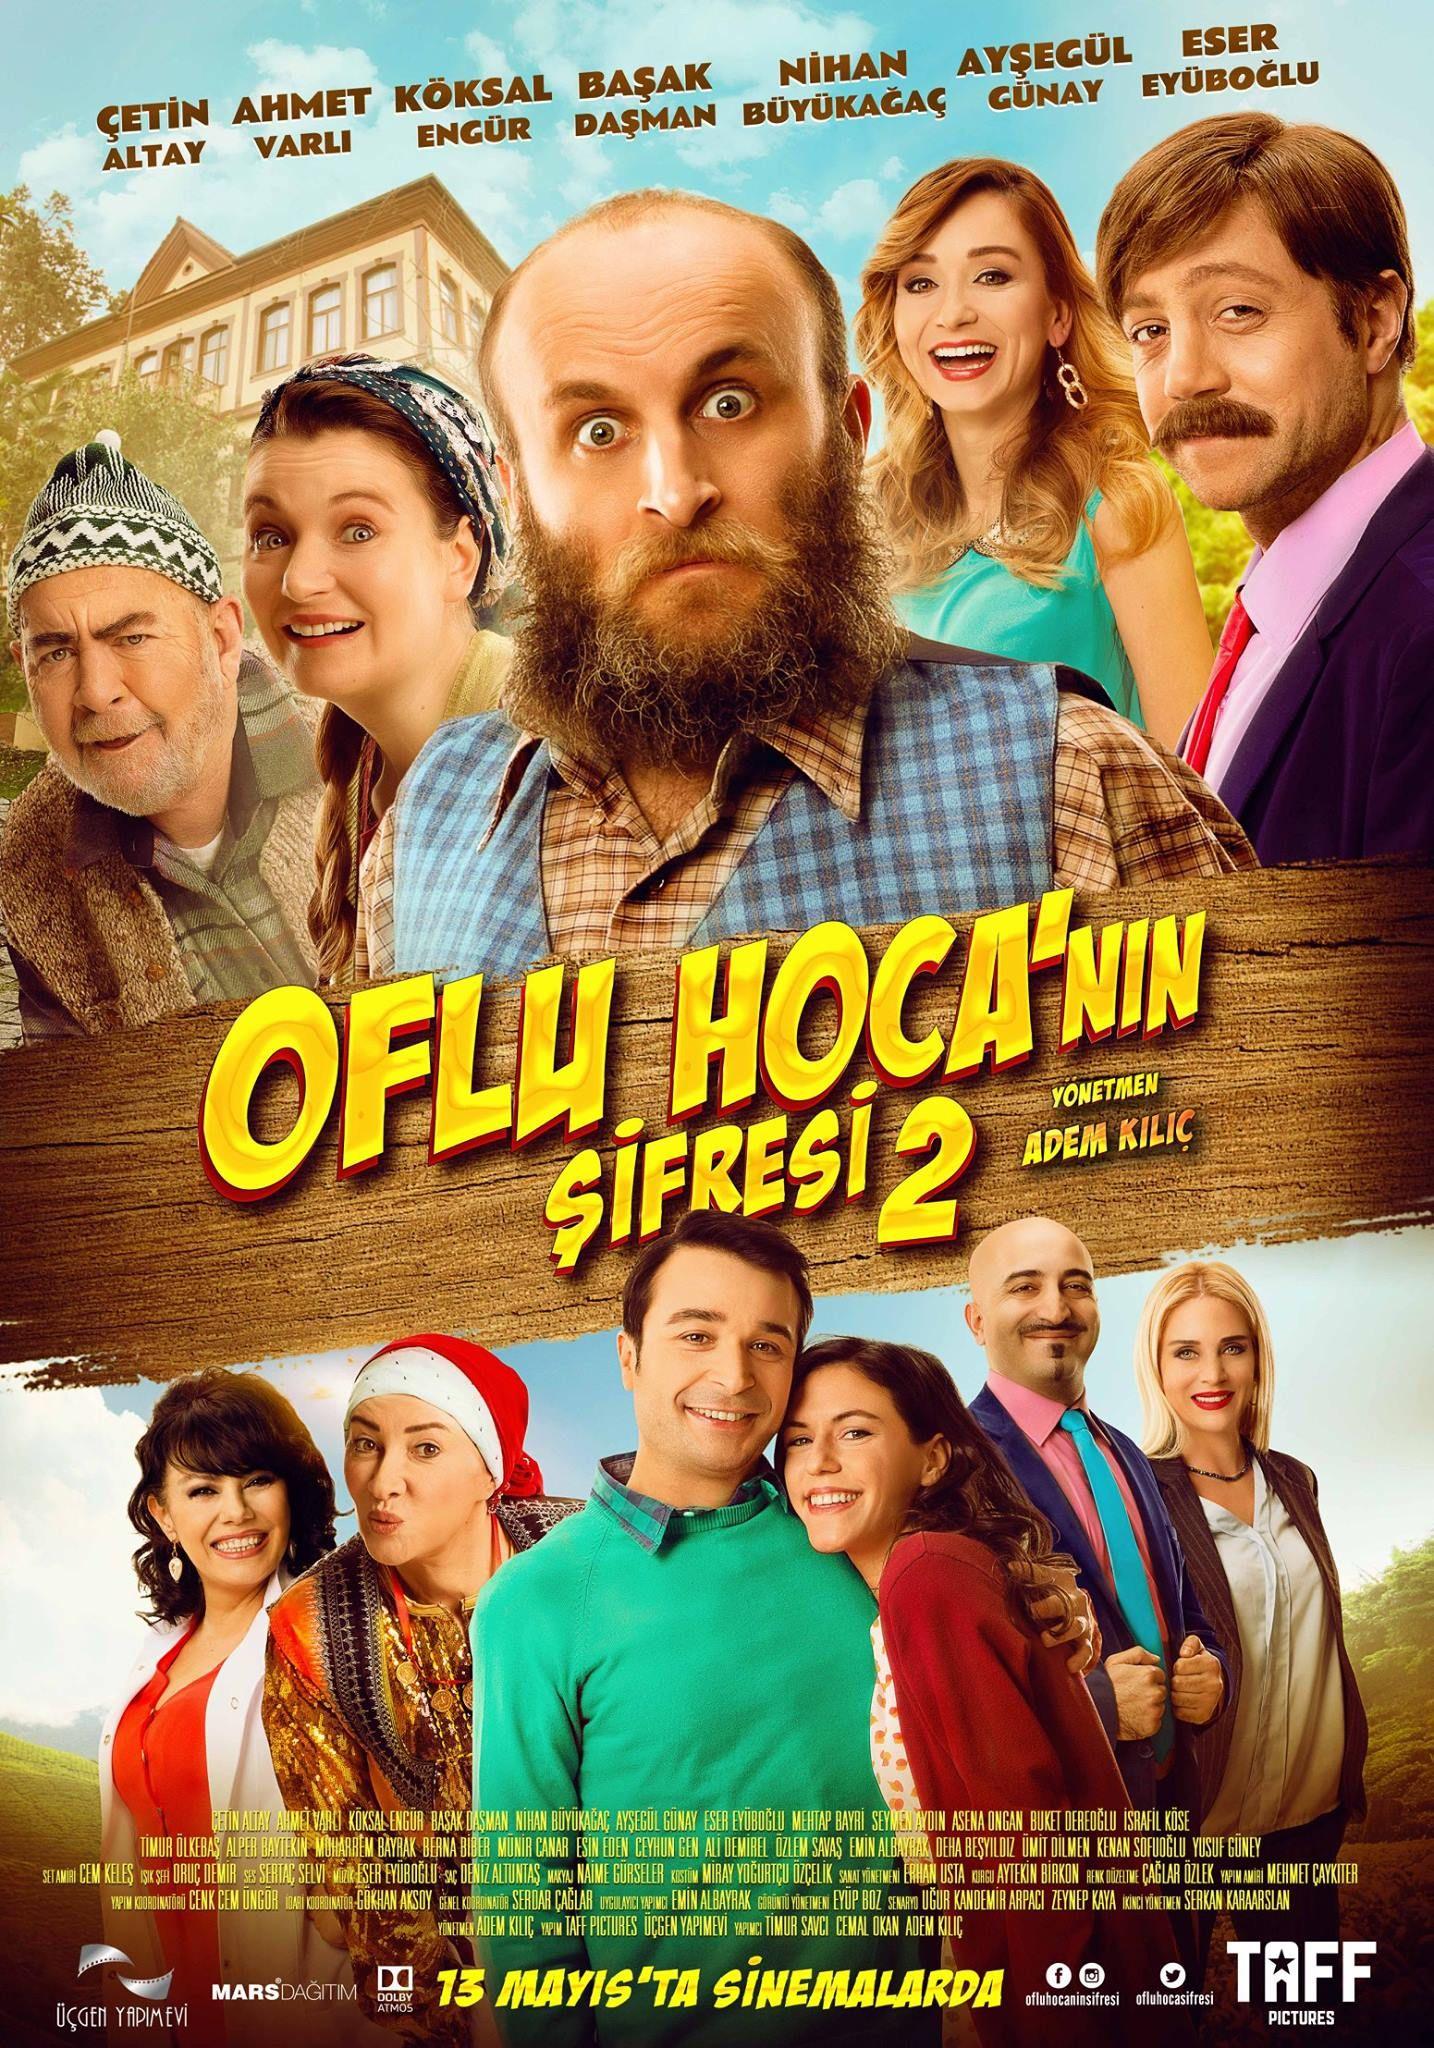 Oflu Hoca Nin Sifresi 2 Oflu Hoca Nin Sifresi 2 Bize Heryer Trabzon Diyen Hocanin Filmmi Tekrardan Cekilmeye Basladi Cekimleri Trab Komedi Filmleri Film Komedi